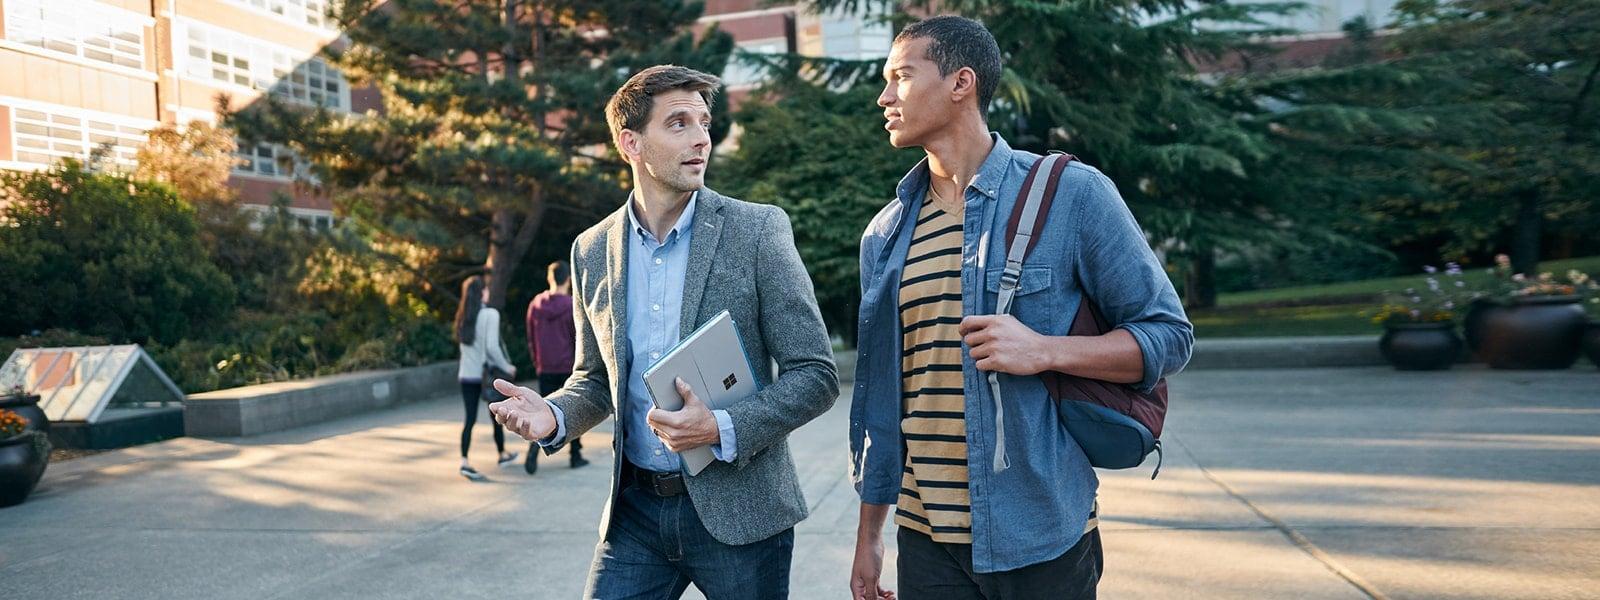 Lehrer und Schüler mit Microsoft-Geräten